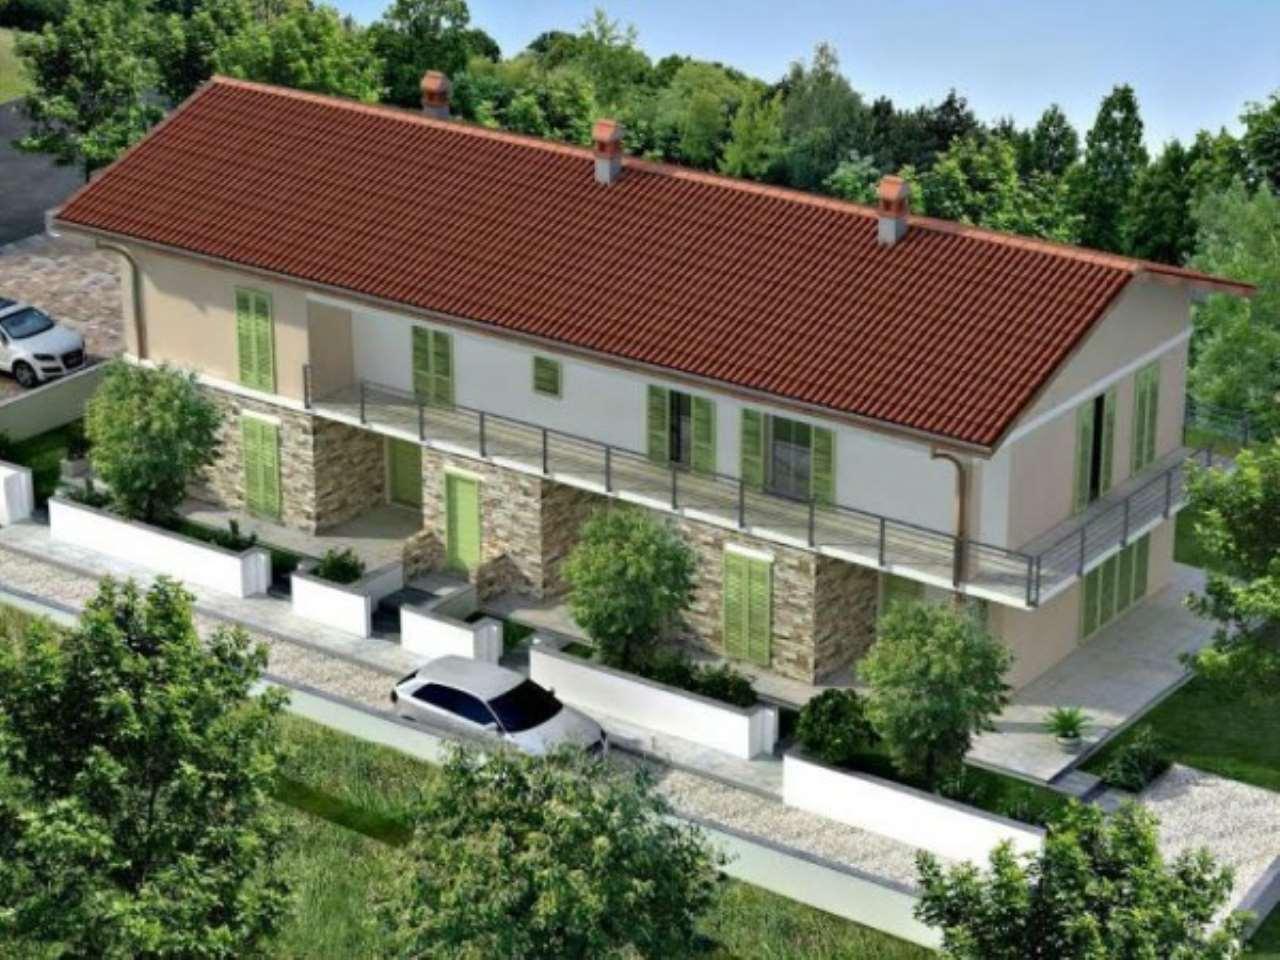 Appartamento in vendita a Quarrata, 3 locali, prezzo € 210.000 | CambioCasa.it